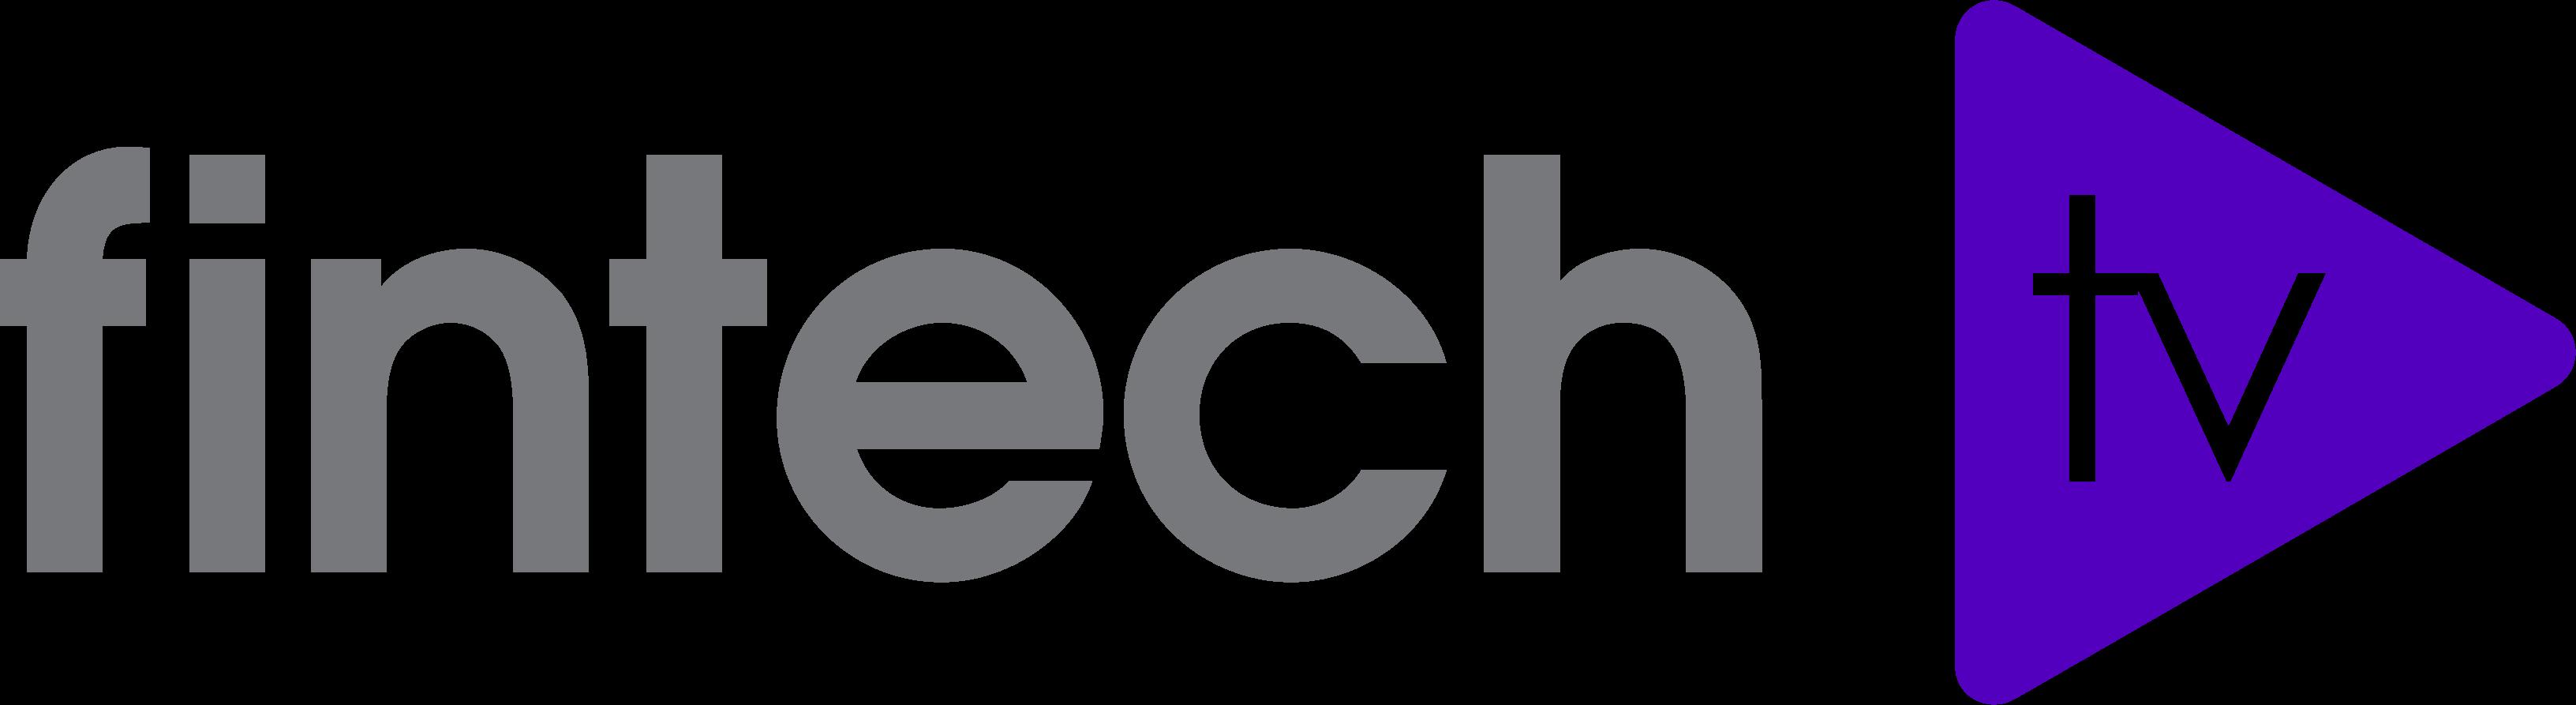 Fintech TV